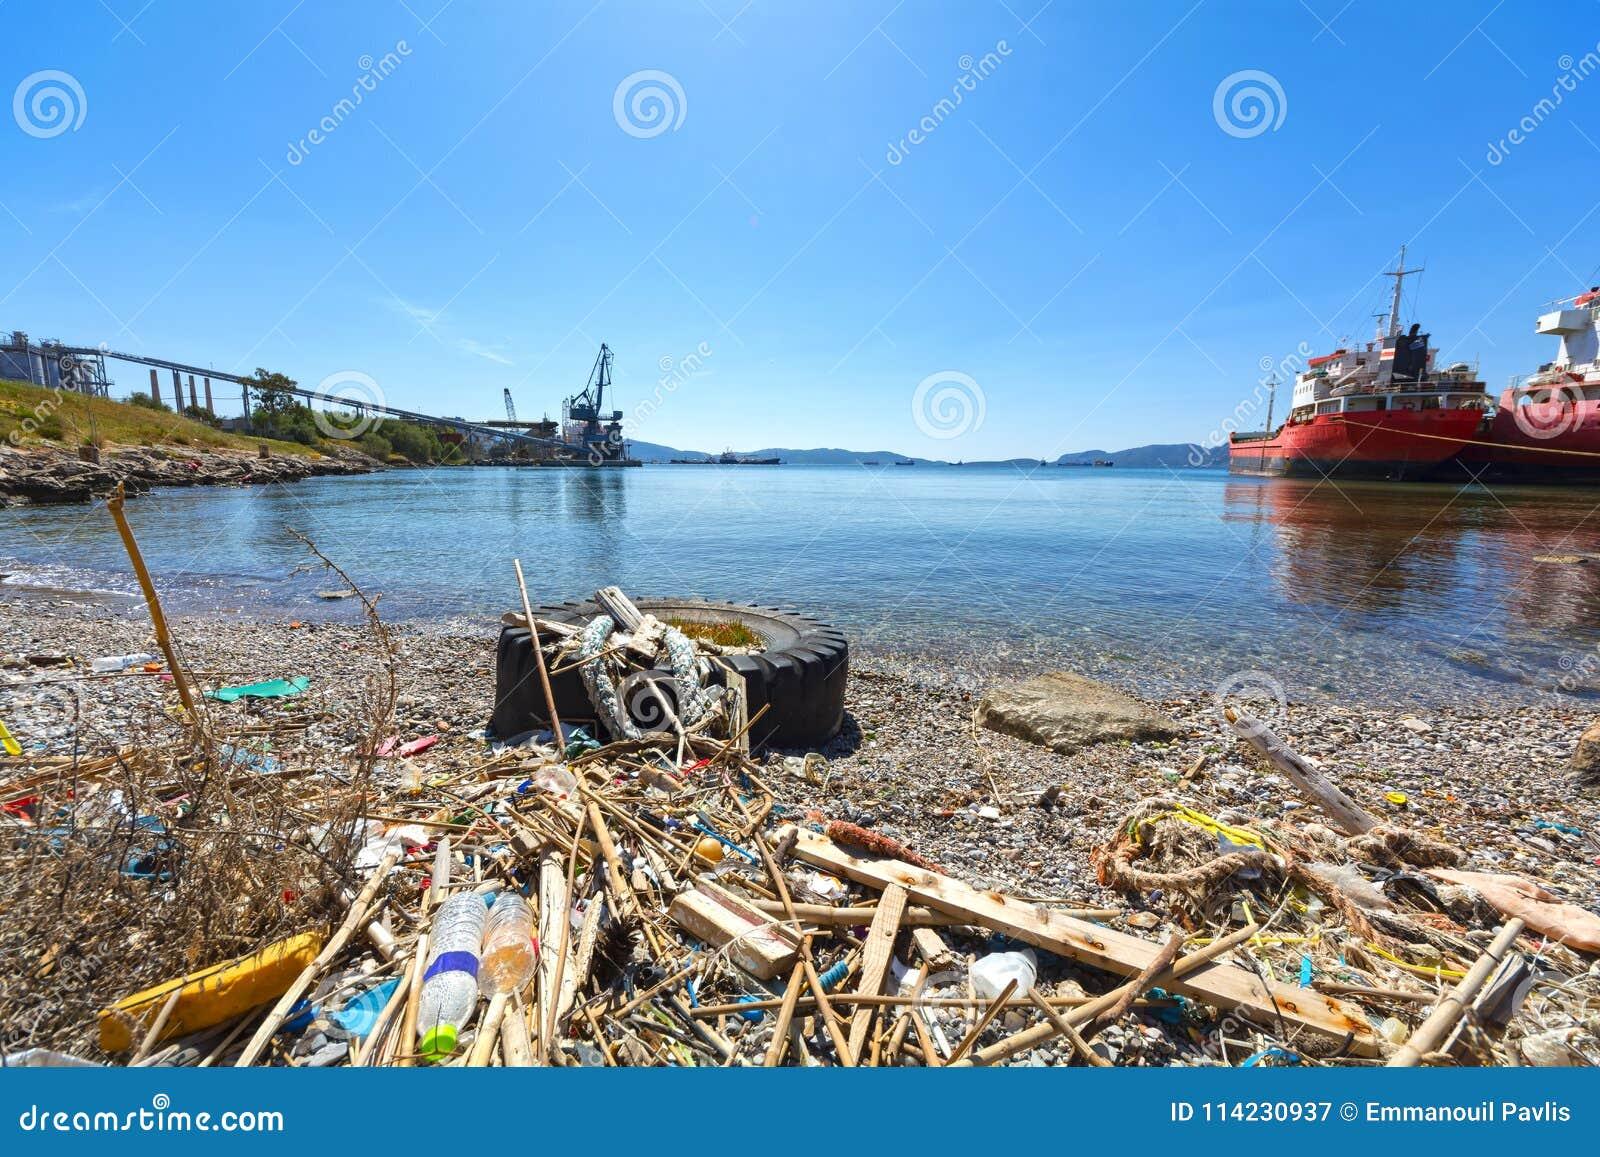 Śmieci i odpady na plaży